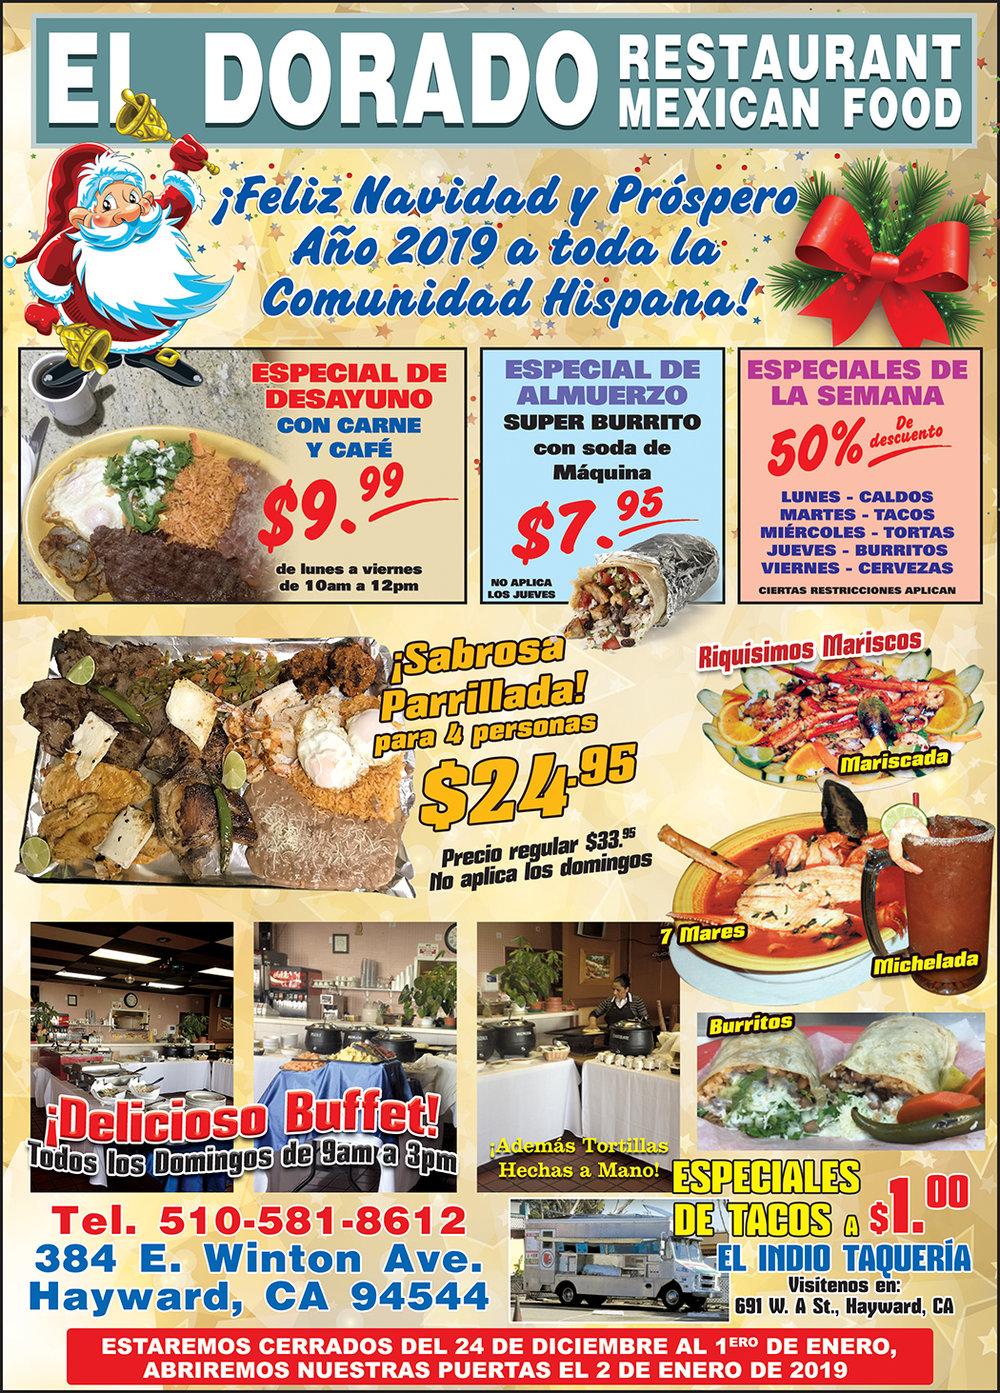 El Dorado Rest 1 Pag Glossy DICIEMBRE 2018.jpg